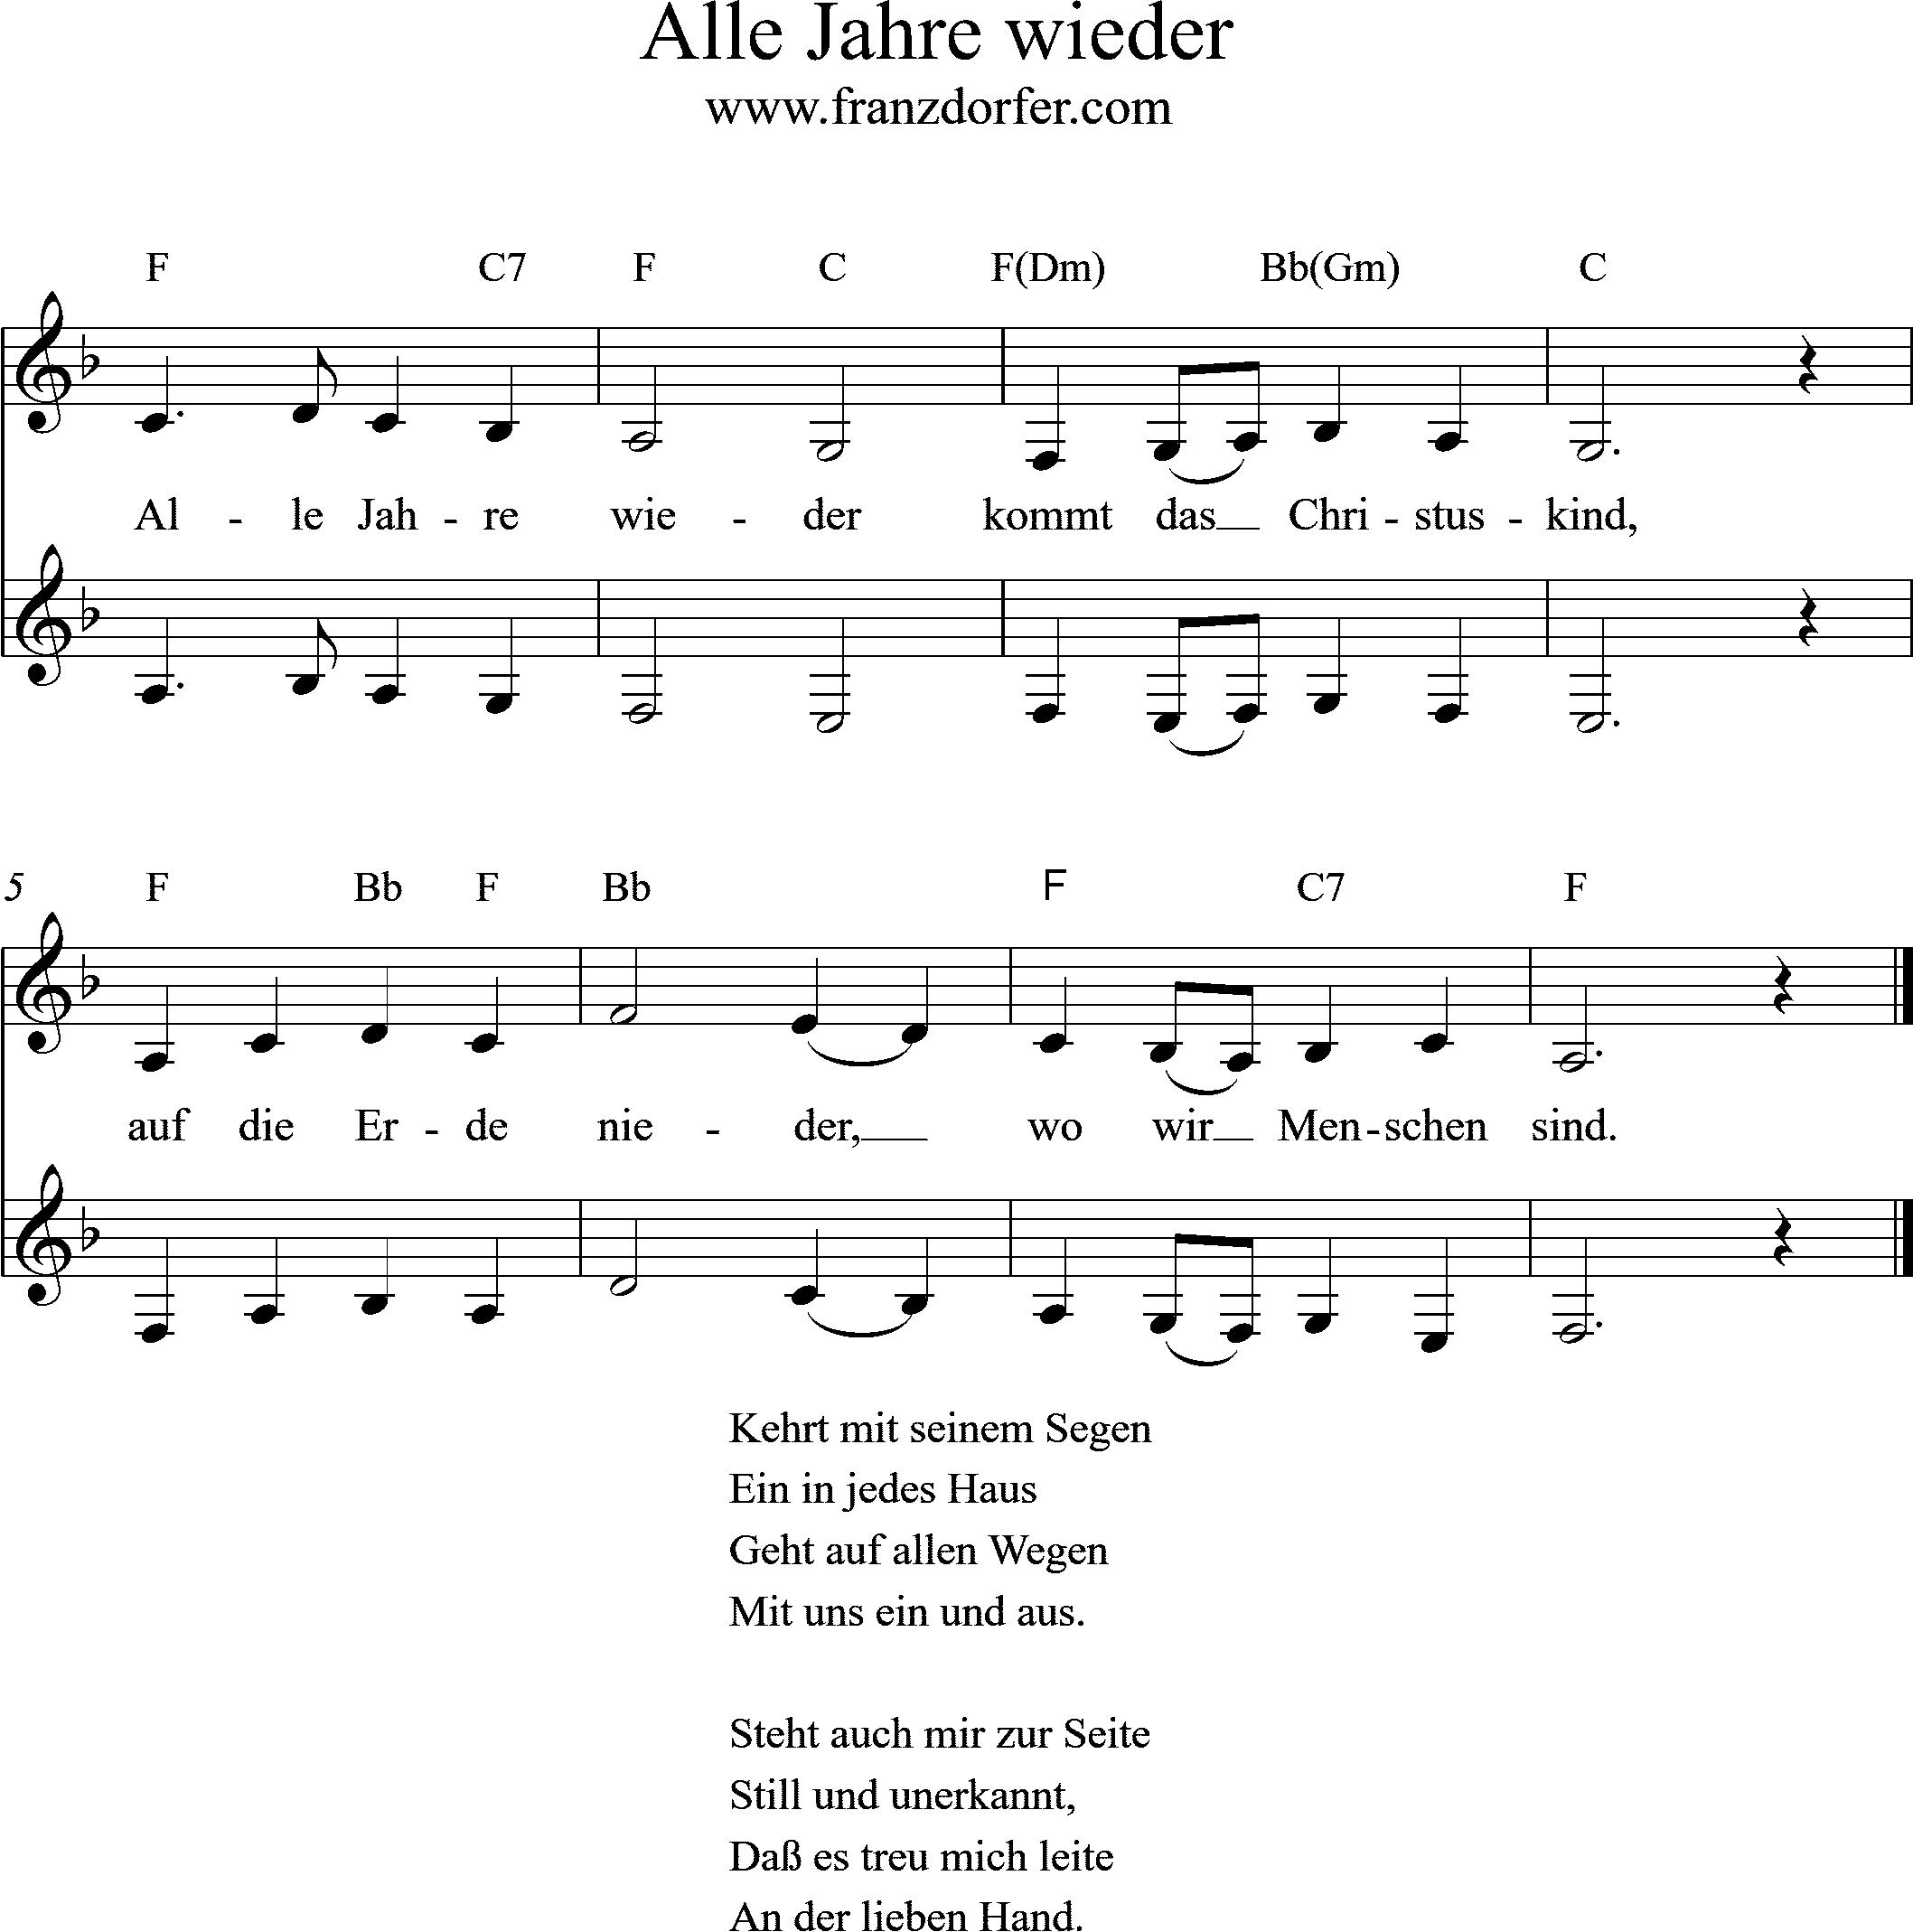 Alle Jahre Wieder - L1 für Alle Jahre Wieder Klaviernoten Einfach